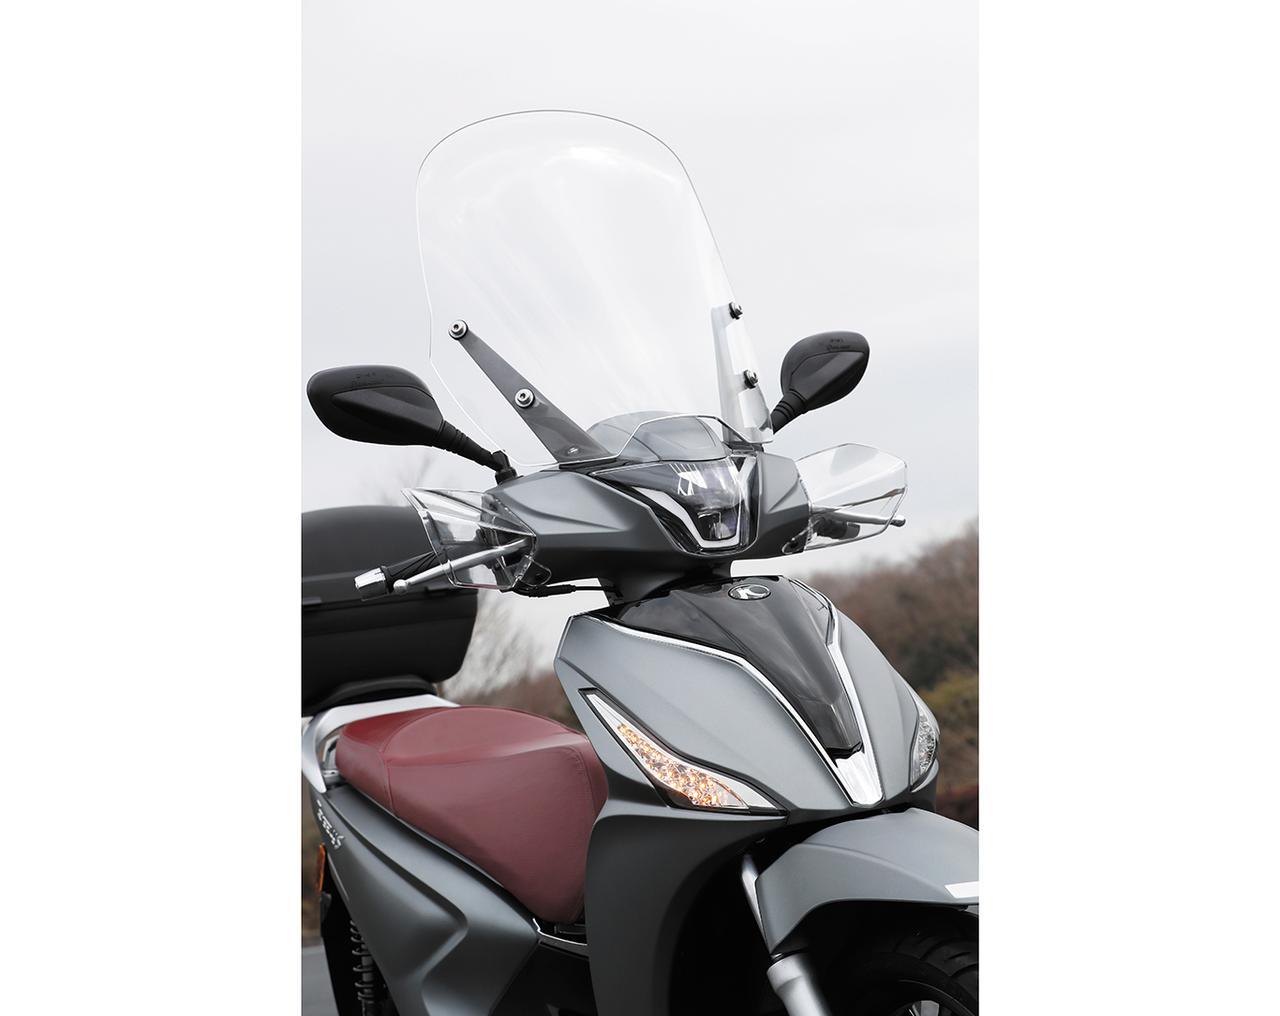 画像3: 欧州で主流の大径タイヤを装備したスクーター。その乗り心地とは?